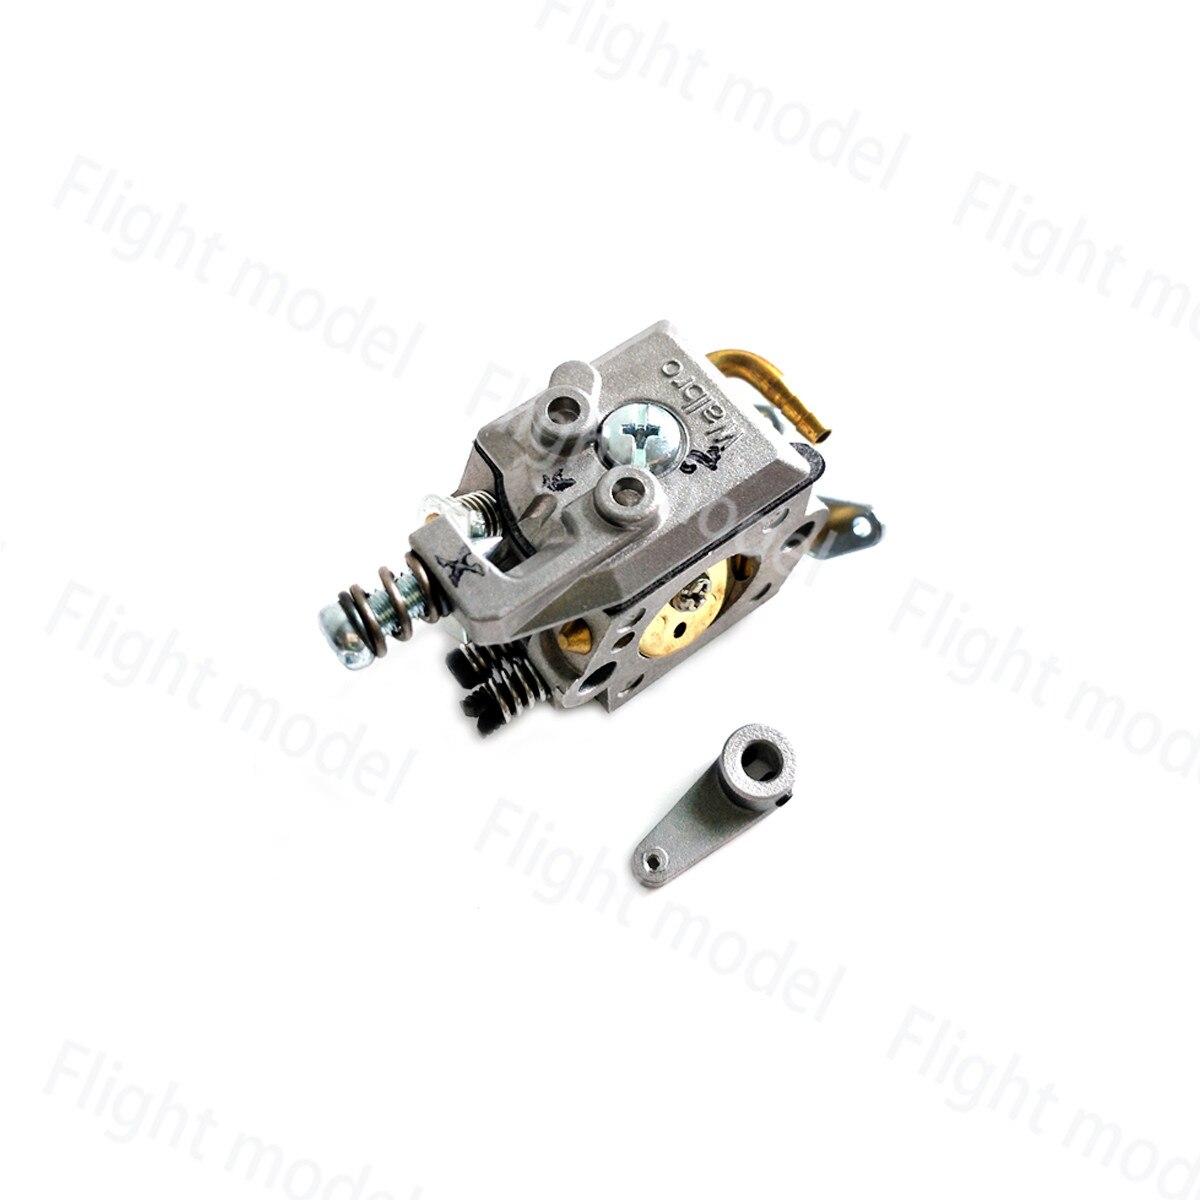 100% carburador Walbro Original de 1 pieza para motor DLE20RA modelo RC avión Drone accesorios de motor